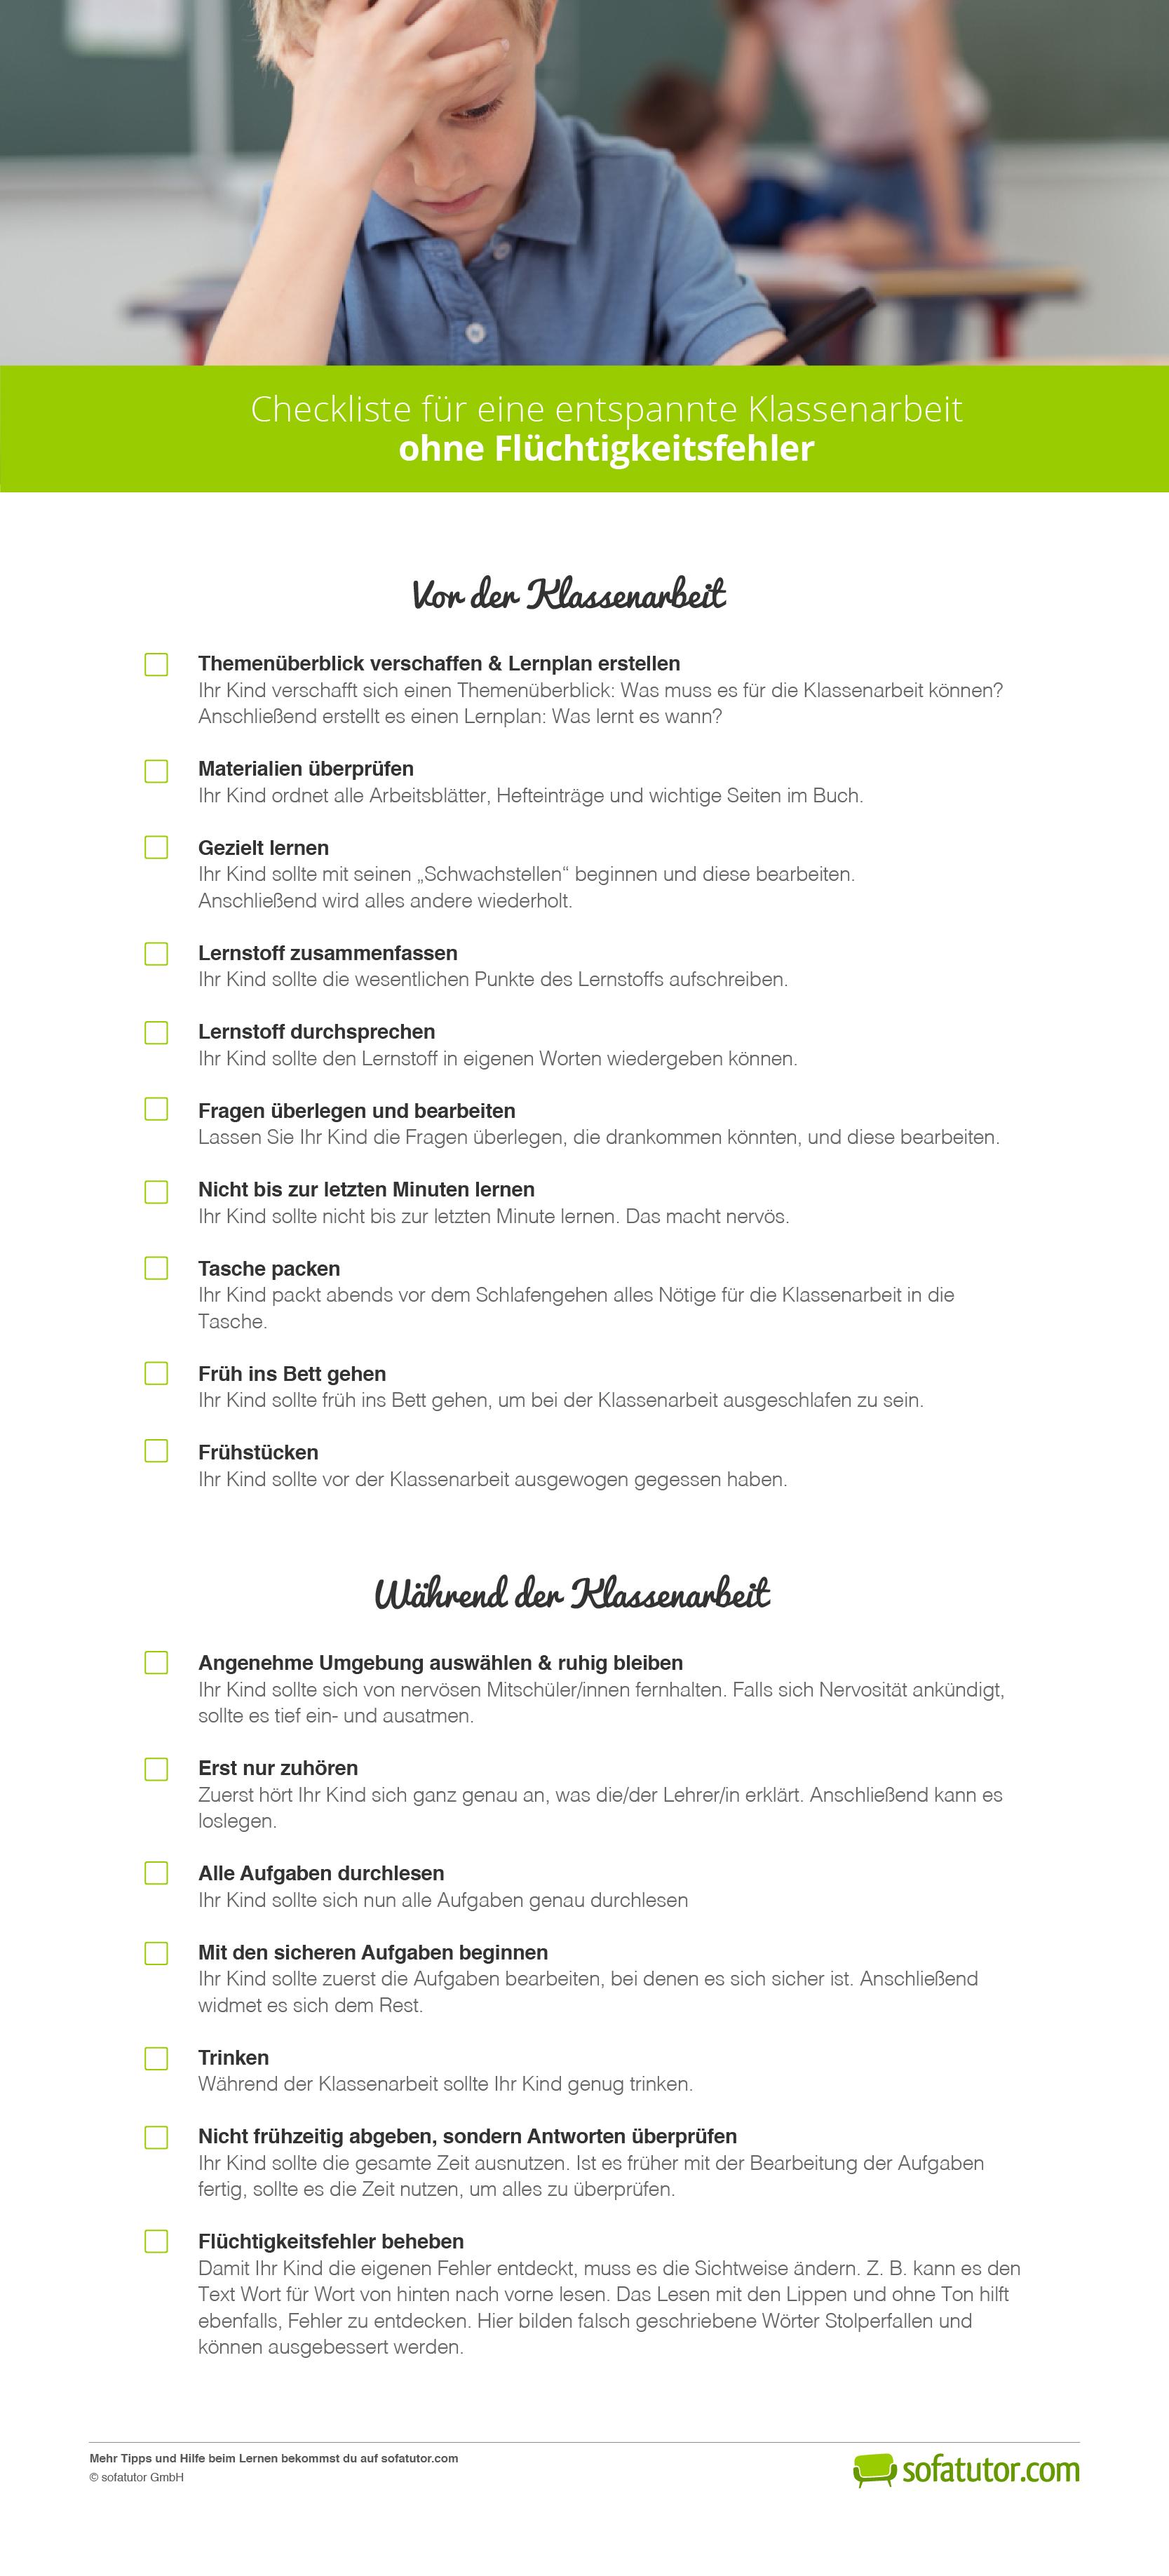 Checkliste für entspannte Klassenarbeiten ohne Flüchtigkeitsfehler